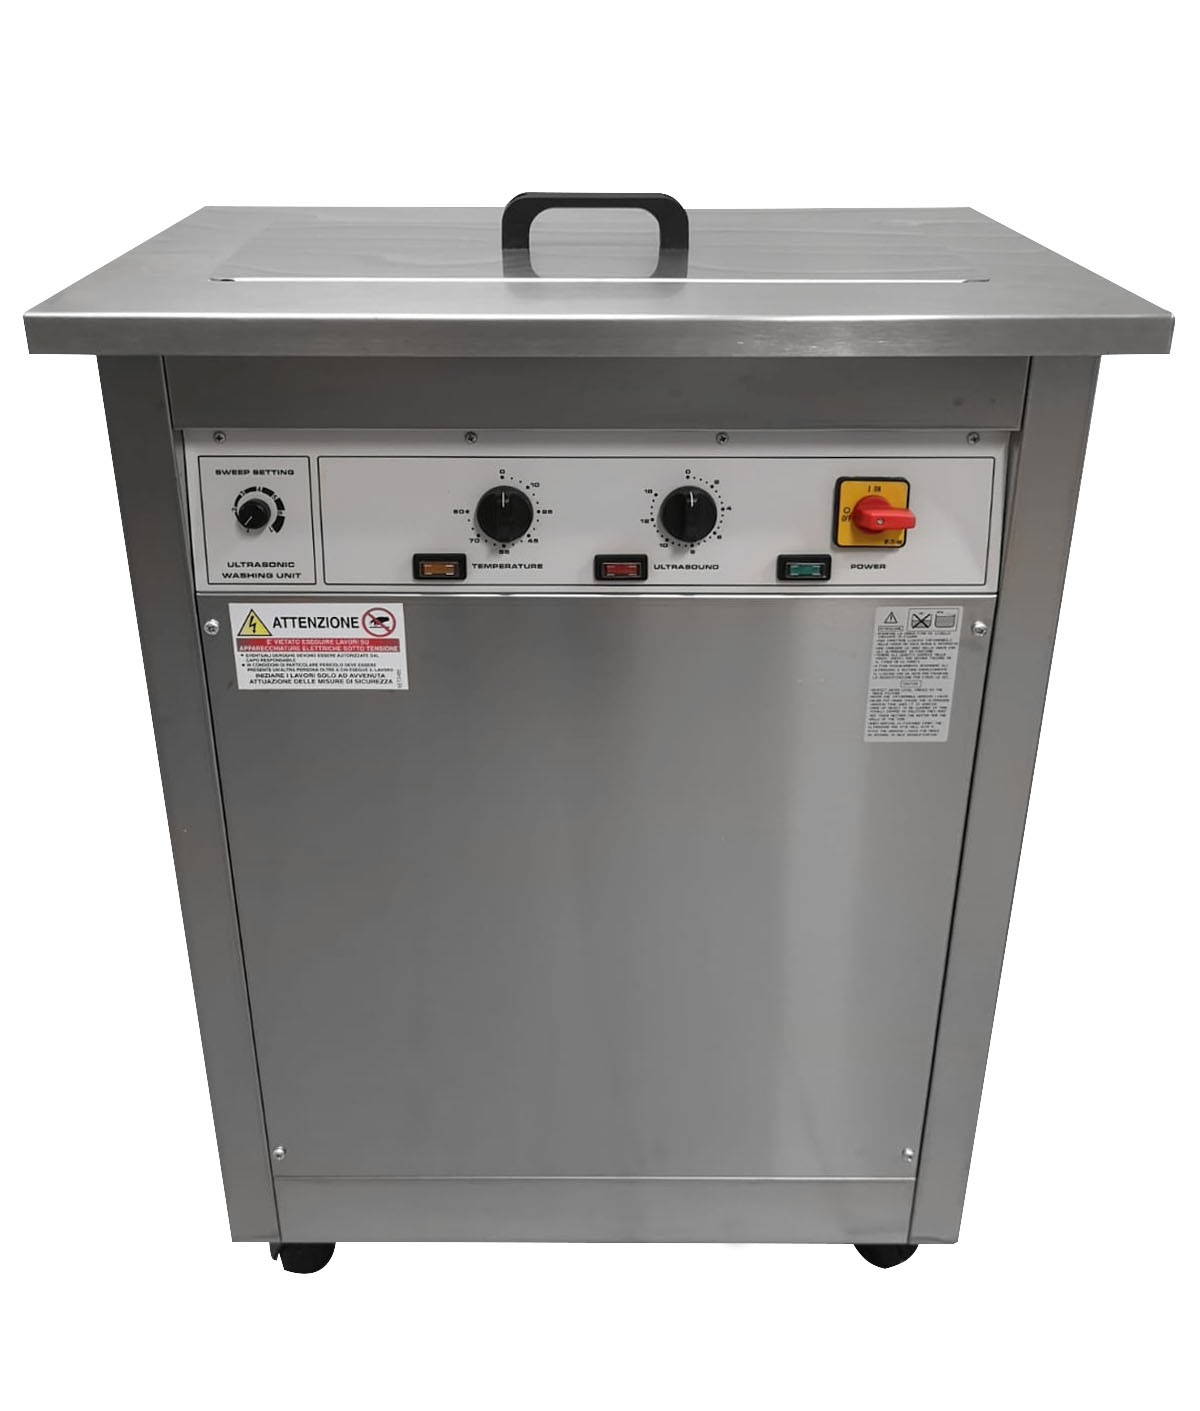 Ultrasonic cleaner 50 Lt. New Image